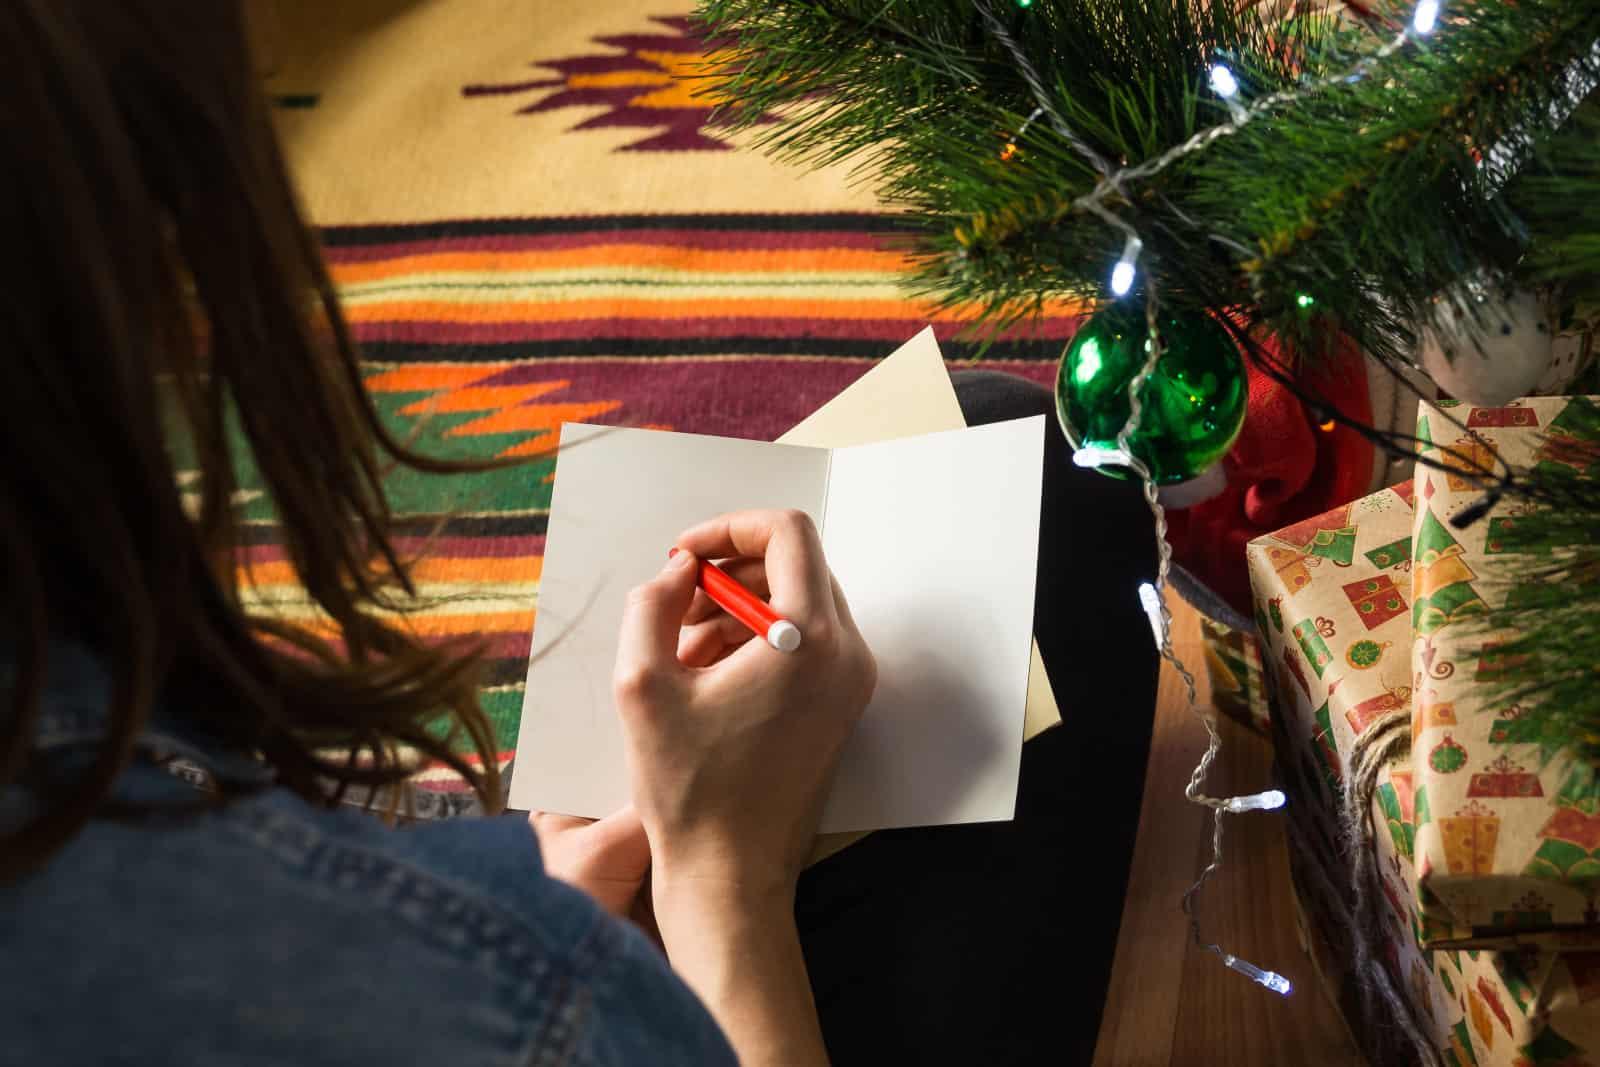 ein Mädchen, das eine Grußkarte schreibt, während es auf dem Boden sitzt